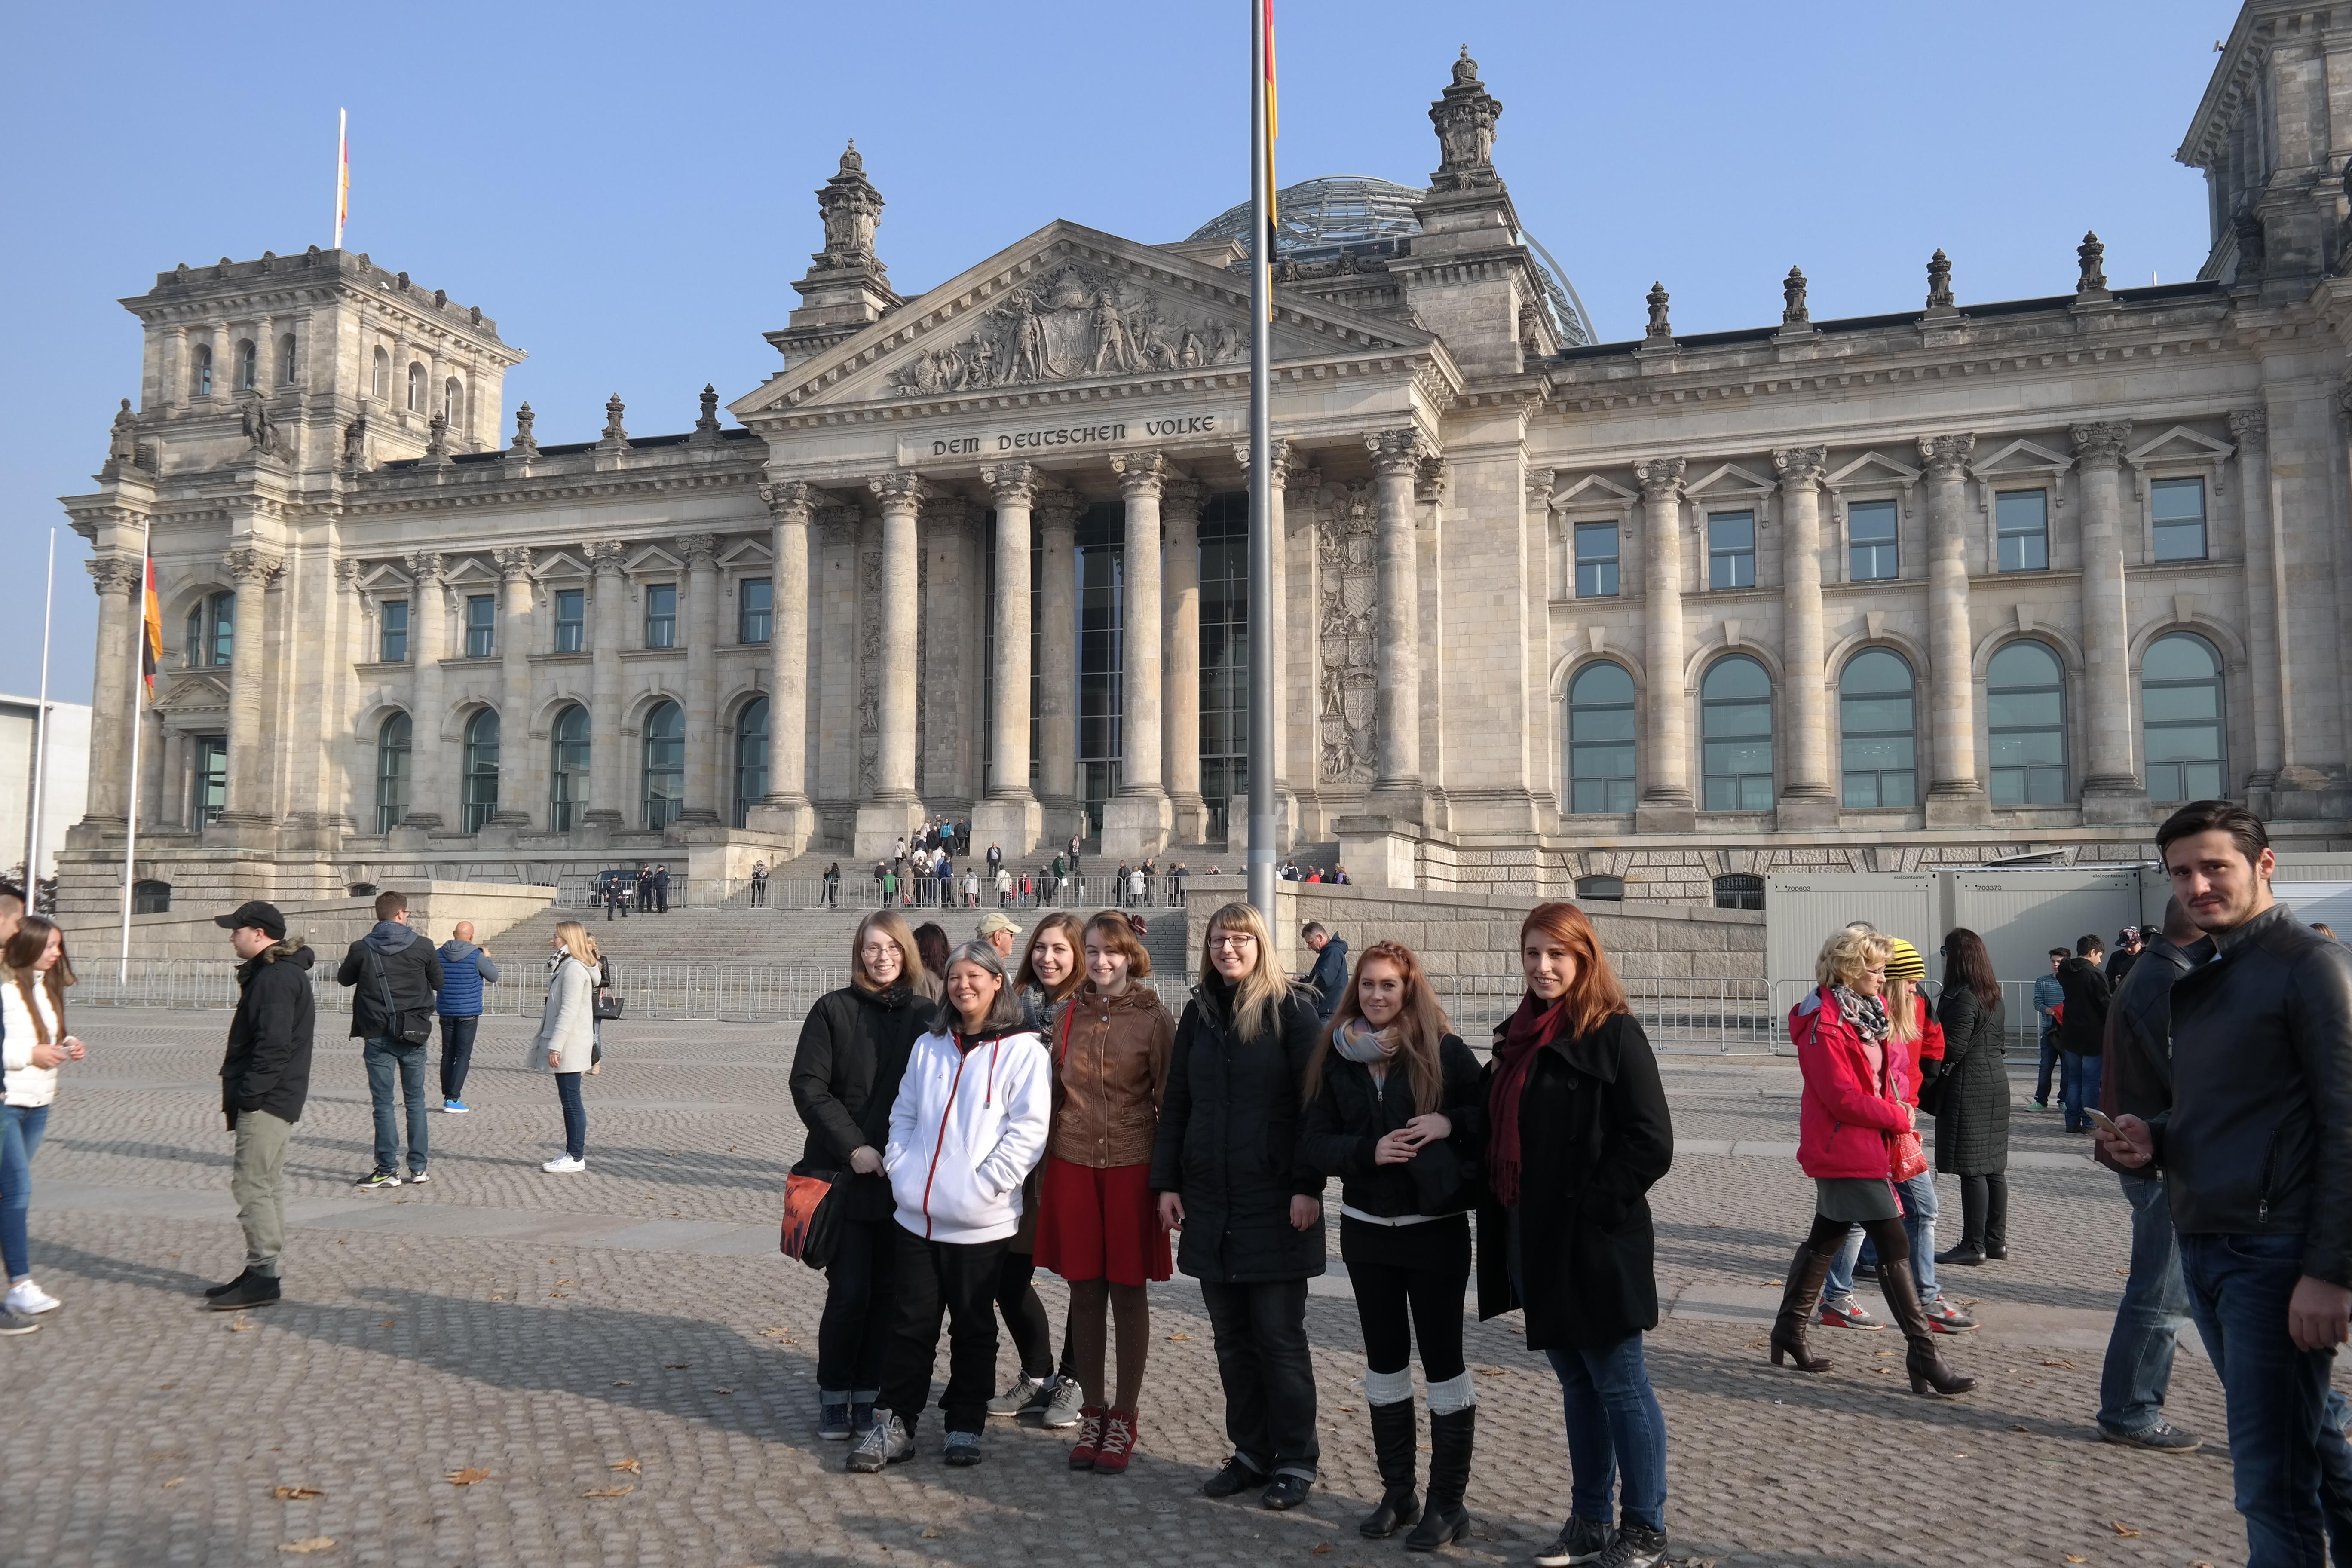 Berlin Reichstag Julie Kagawa